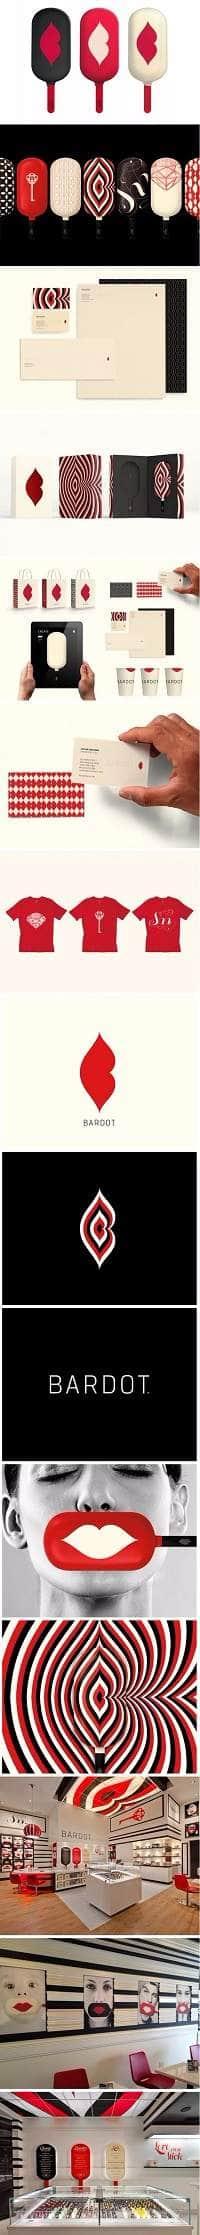 idee-per-come-usare-al-meglio-un-logo-